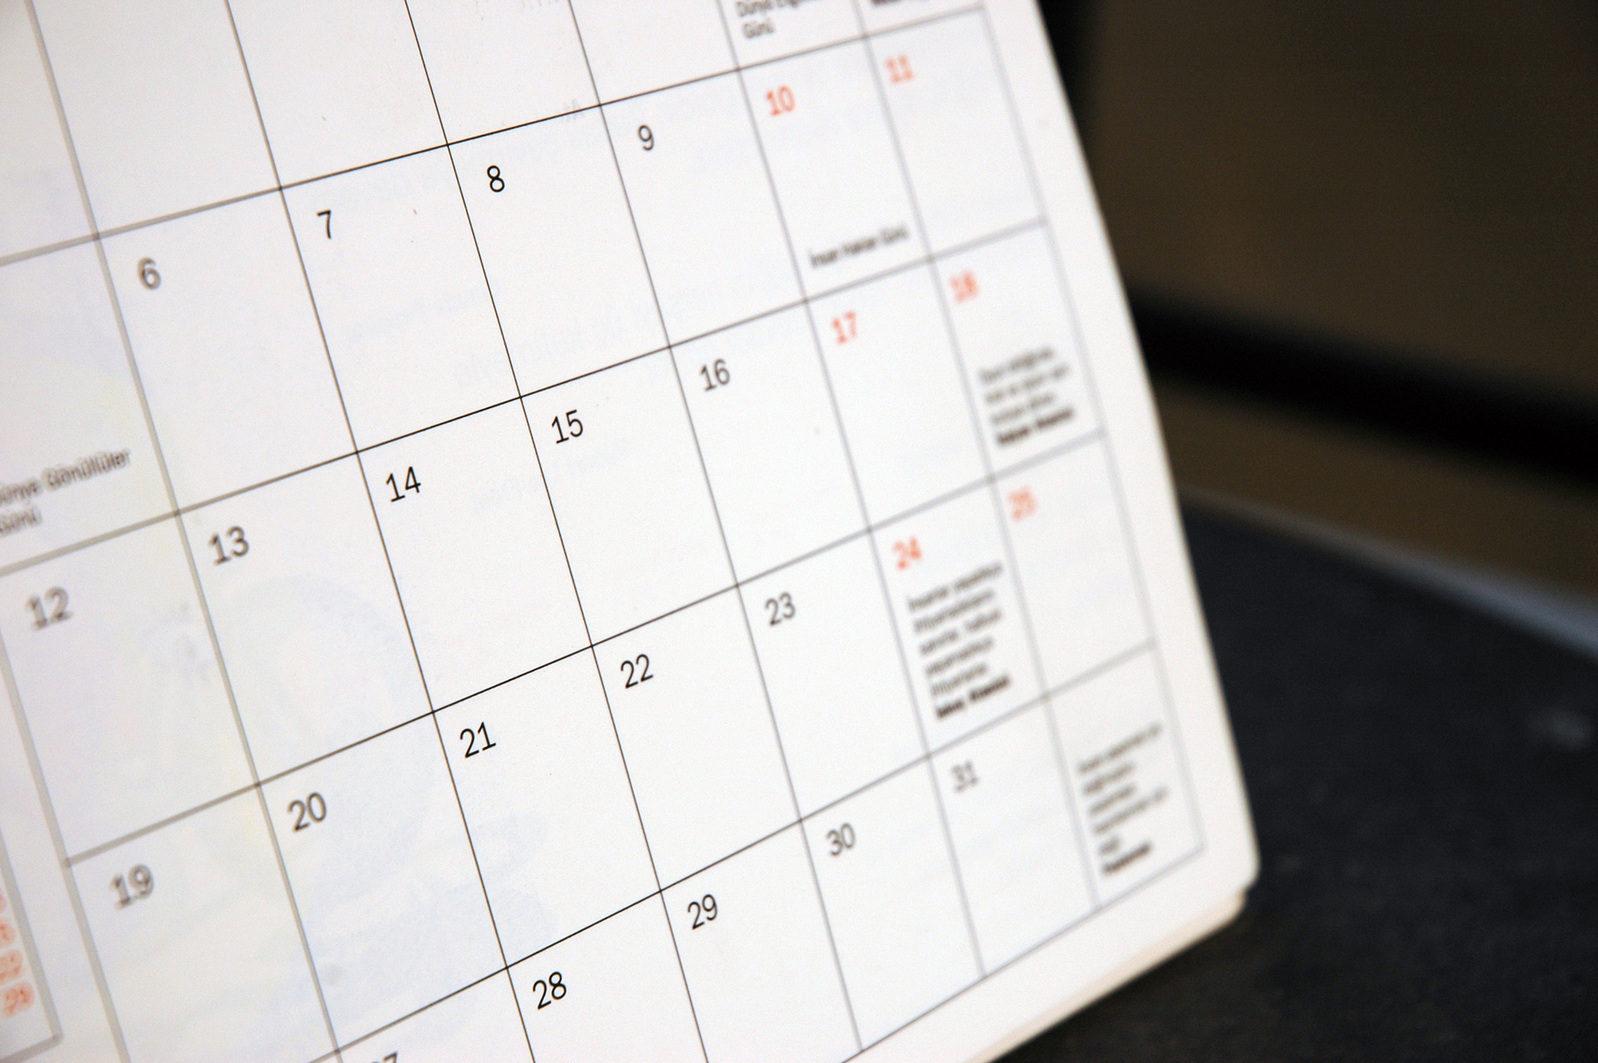 2018 19 School Year Calendar – Tfsd Throughout Oregon Trail School District Calendar